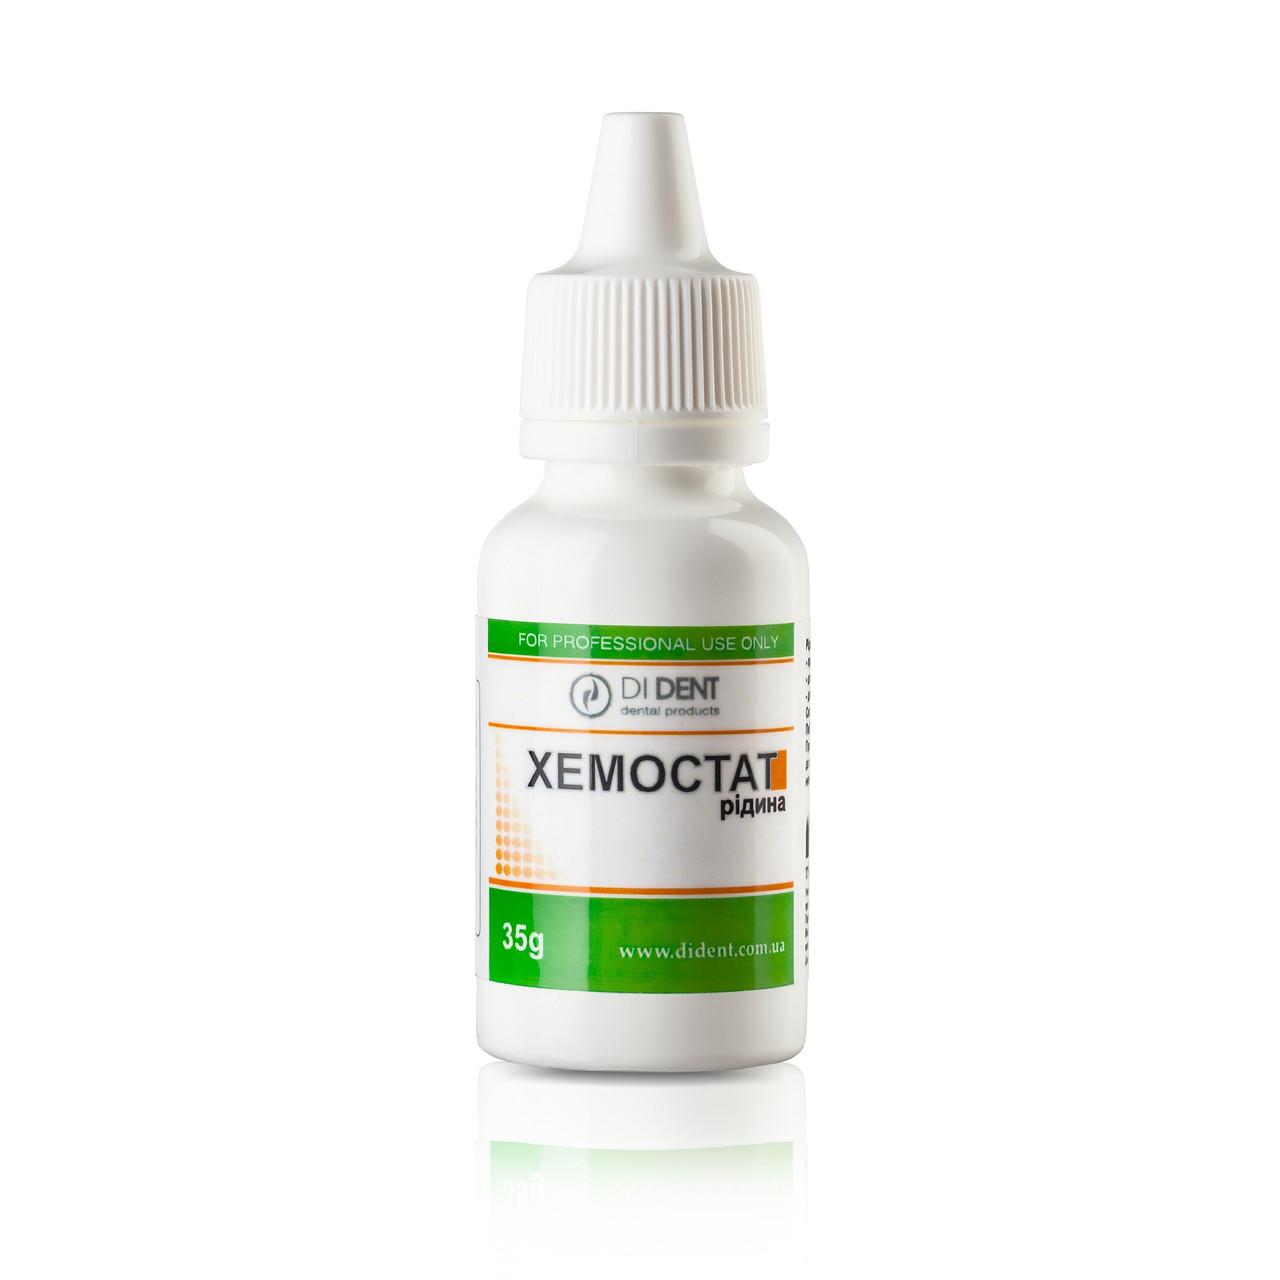 ХЕМОСТАТ Жидкость для ретракции десны и гемостатики, 35г, тм Дидент